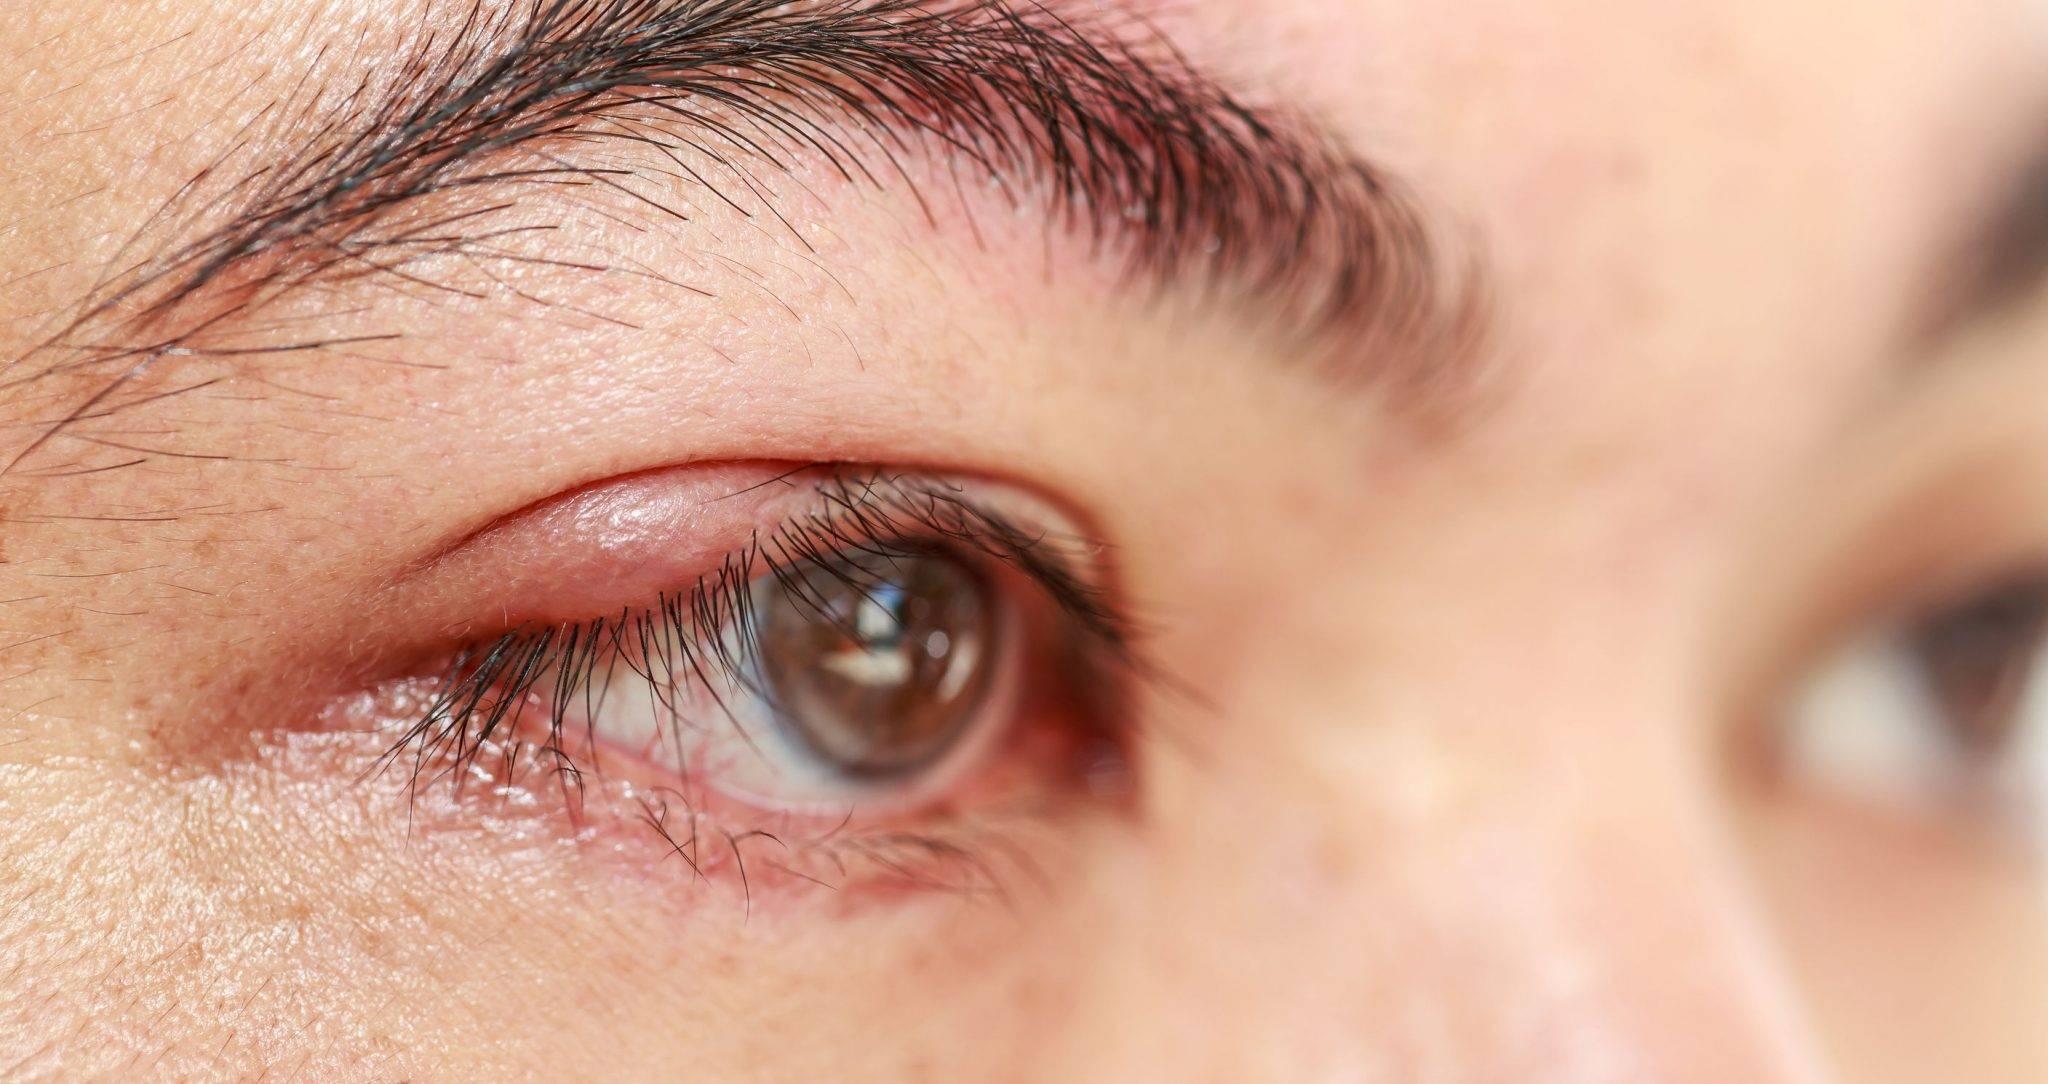 глаз покраснел и слезится что делать